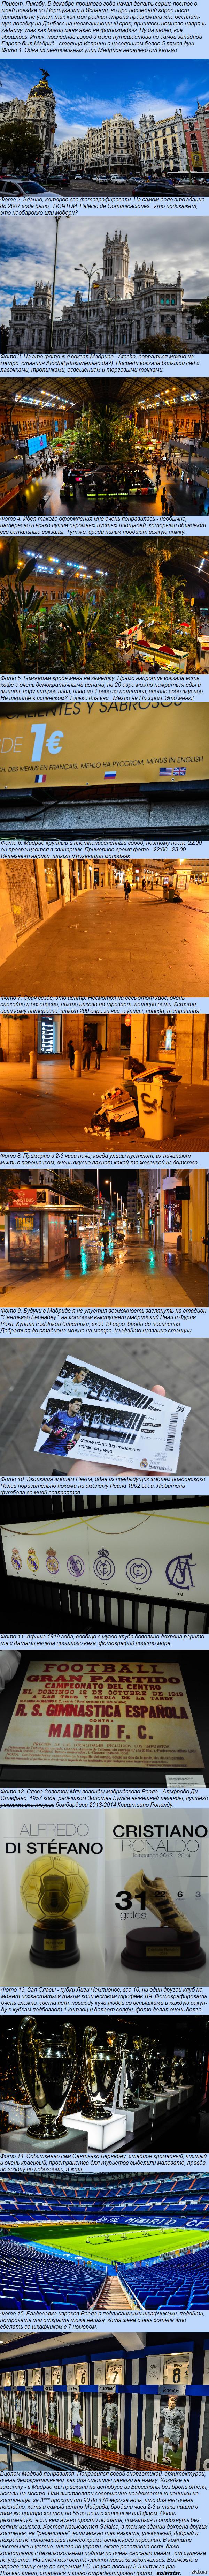 Записки путешественника. Мадрид. Испания. Последний пост из серии Португалия-Испания, запоздалый почти на 3 месяца. Если есть вопросы - задавайте.